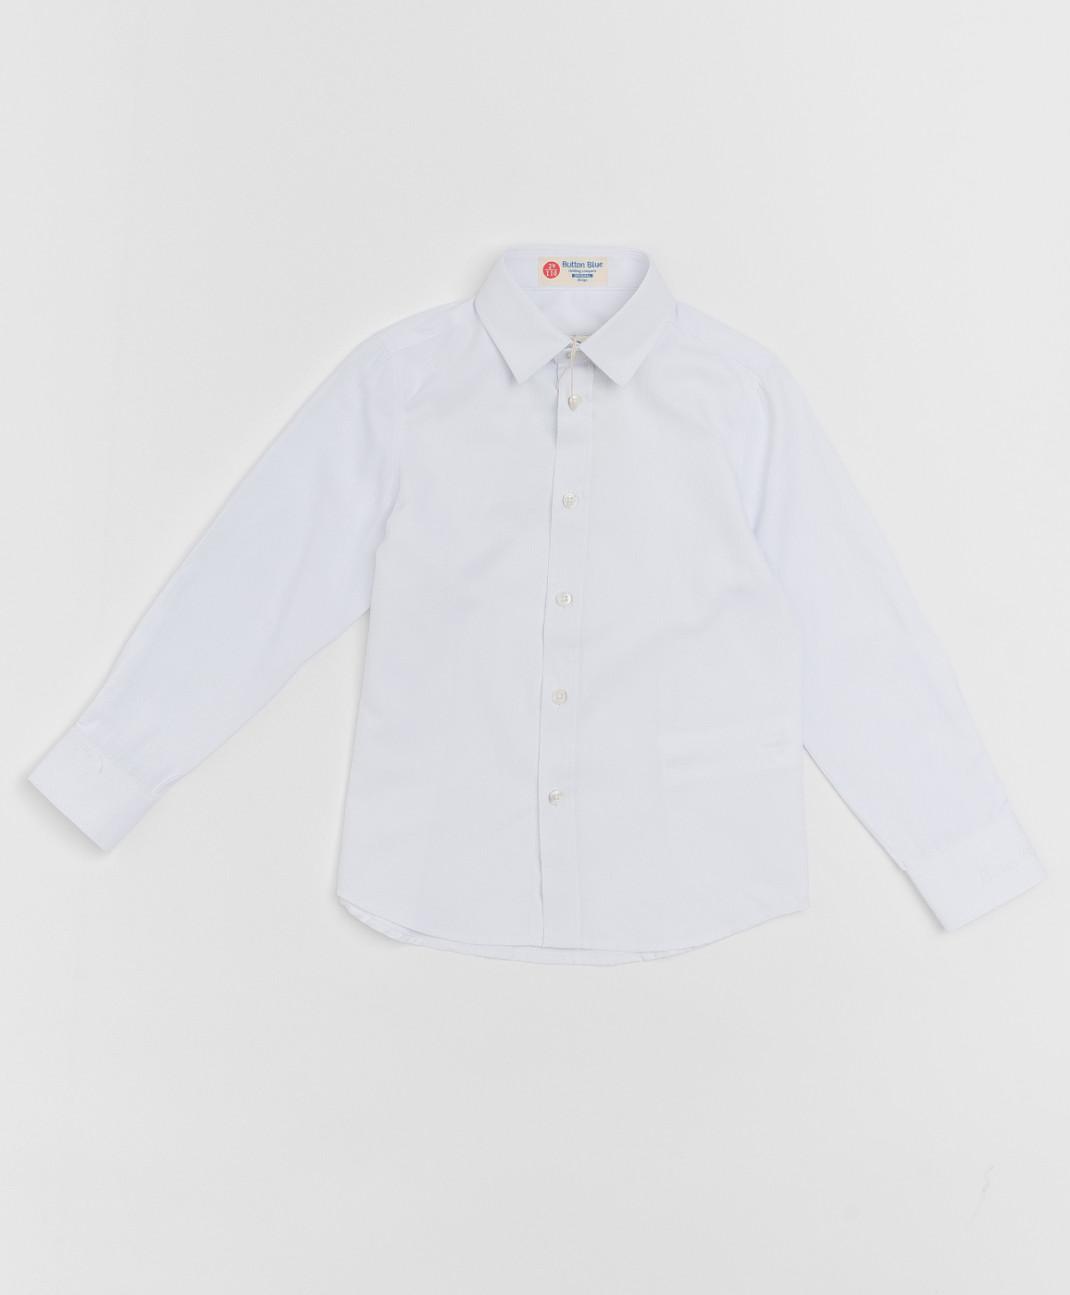 Button Blue Белая фактурная рубашка Button Blue